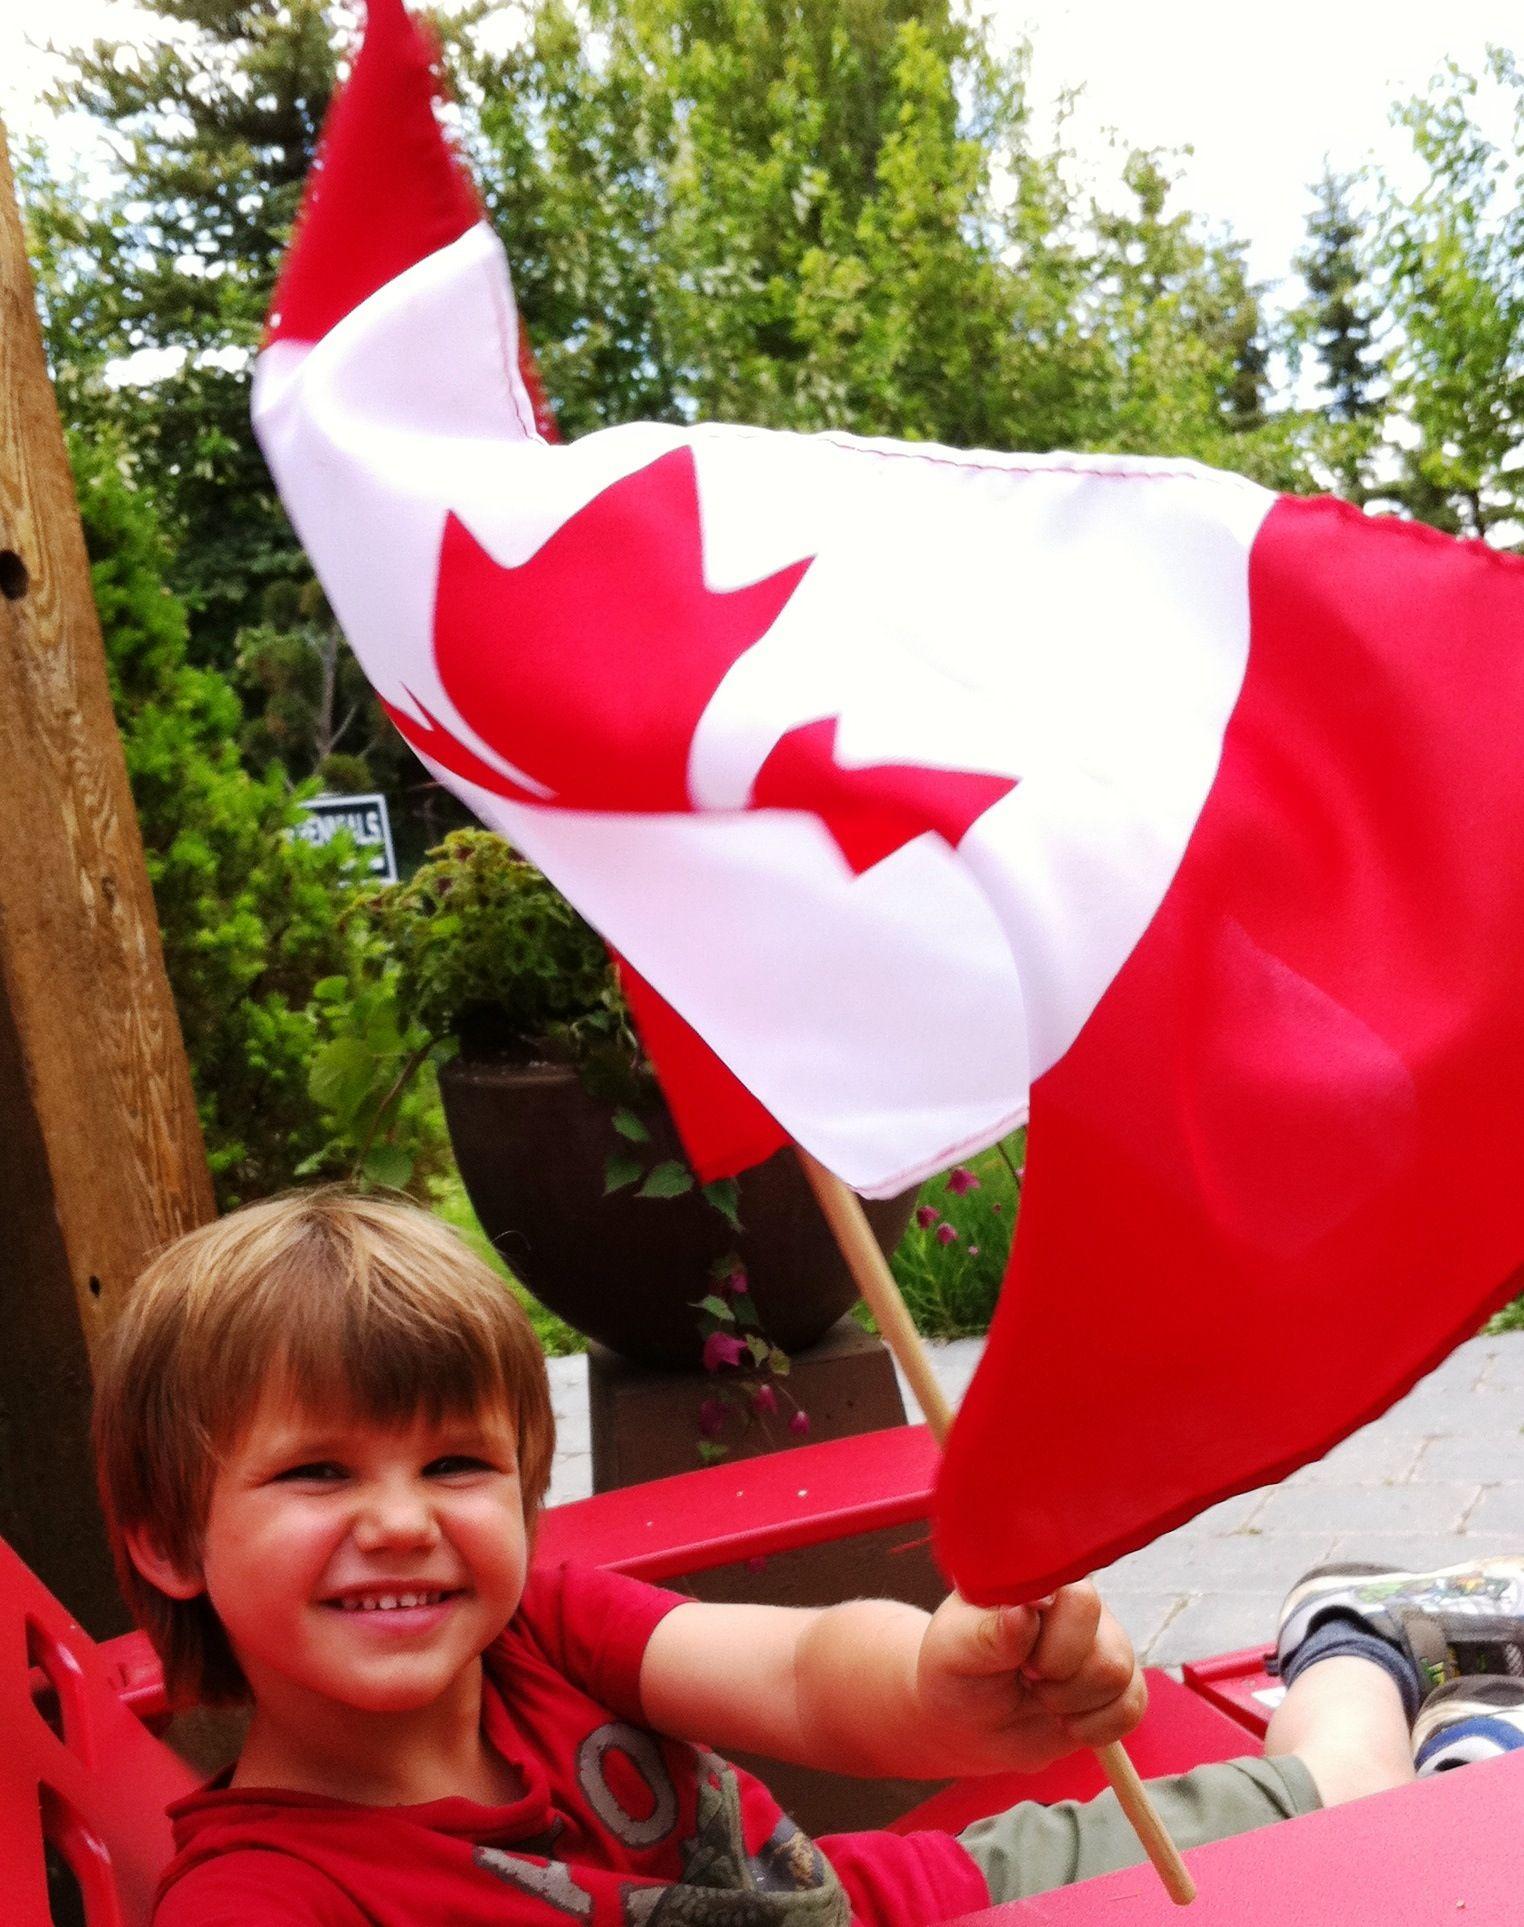 2011 Countryside Garden Centre Celebrates Canada With A 400 x 300